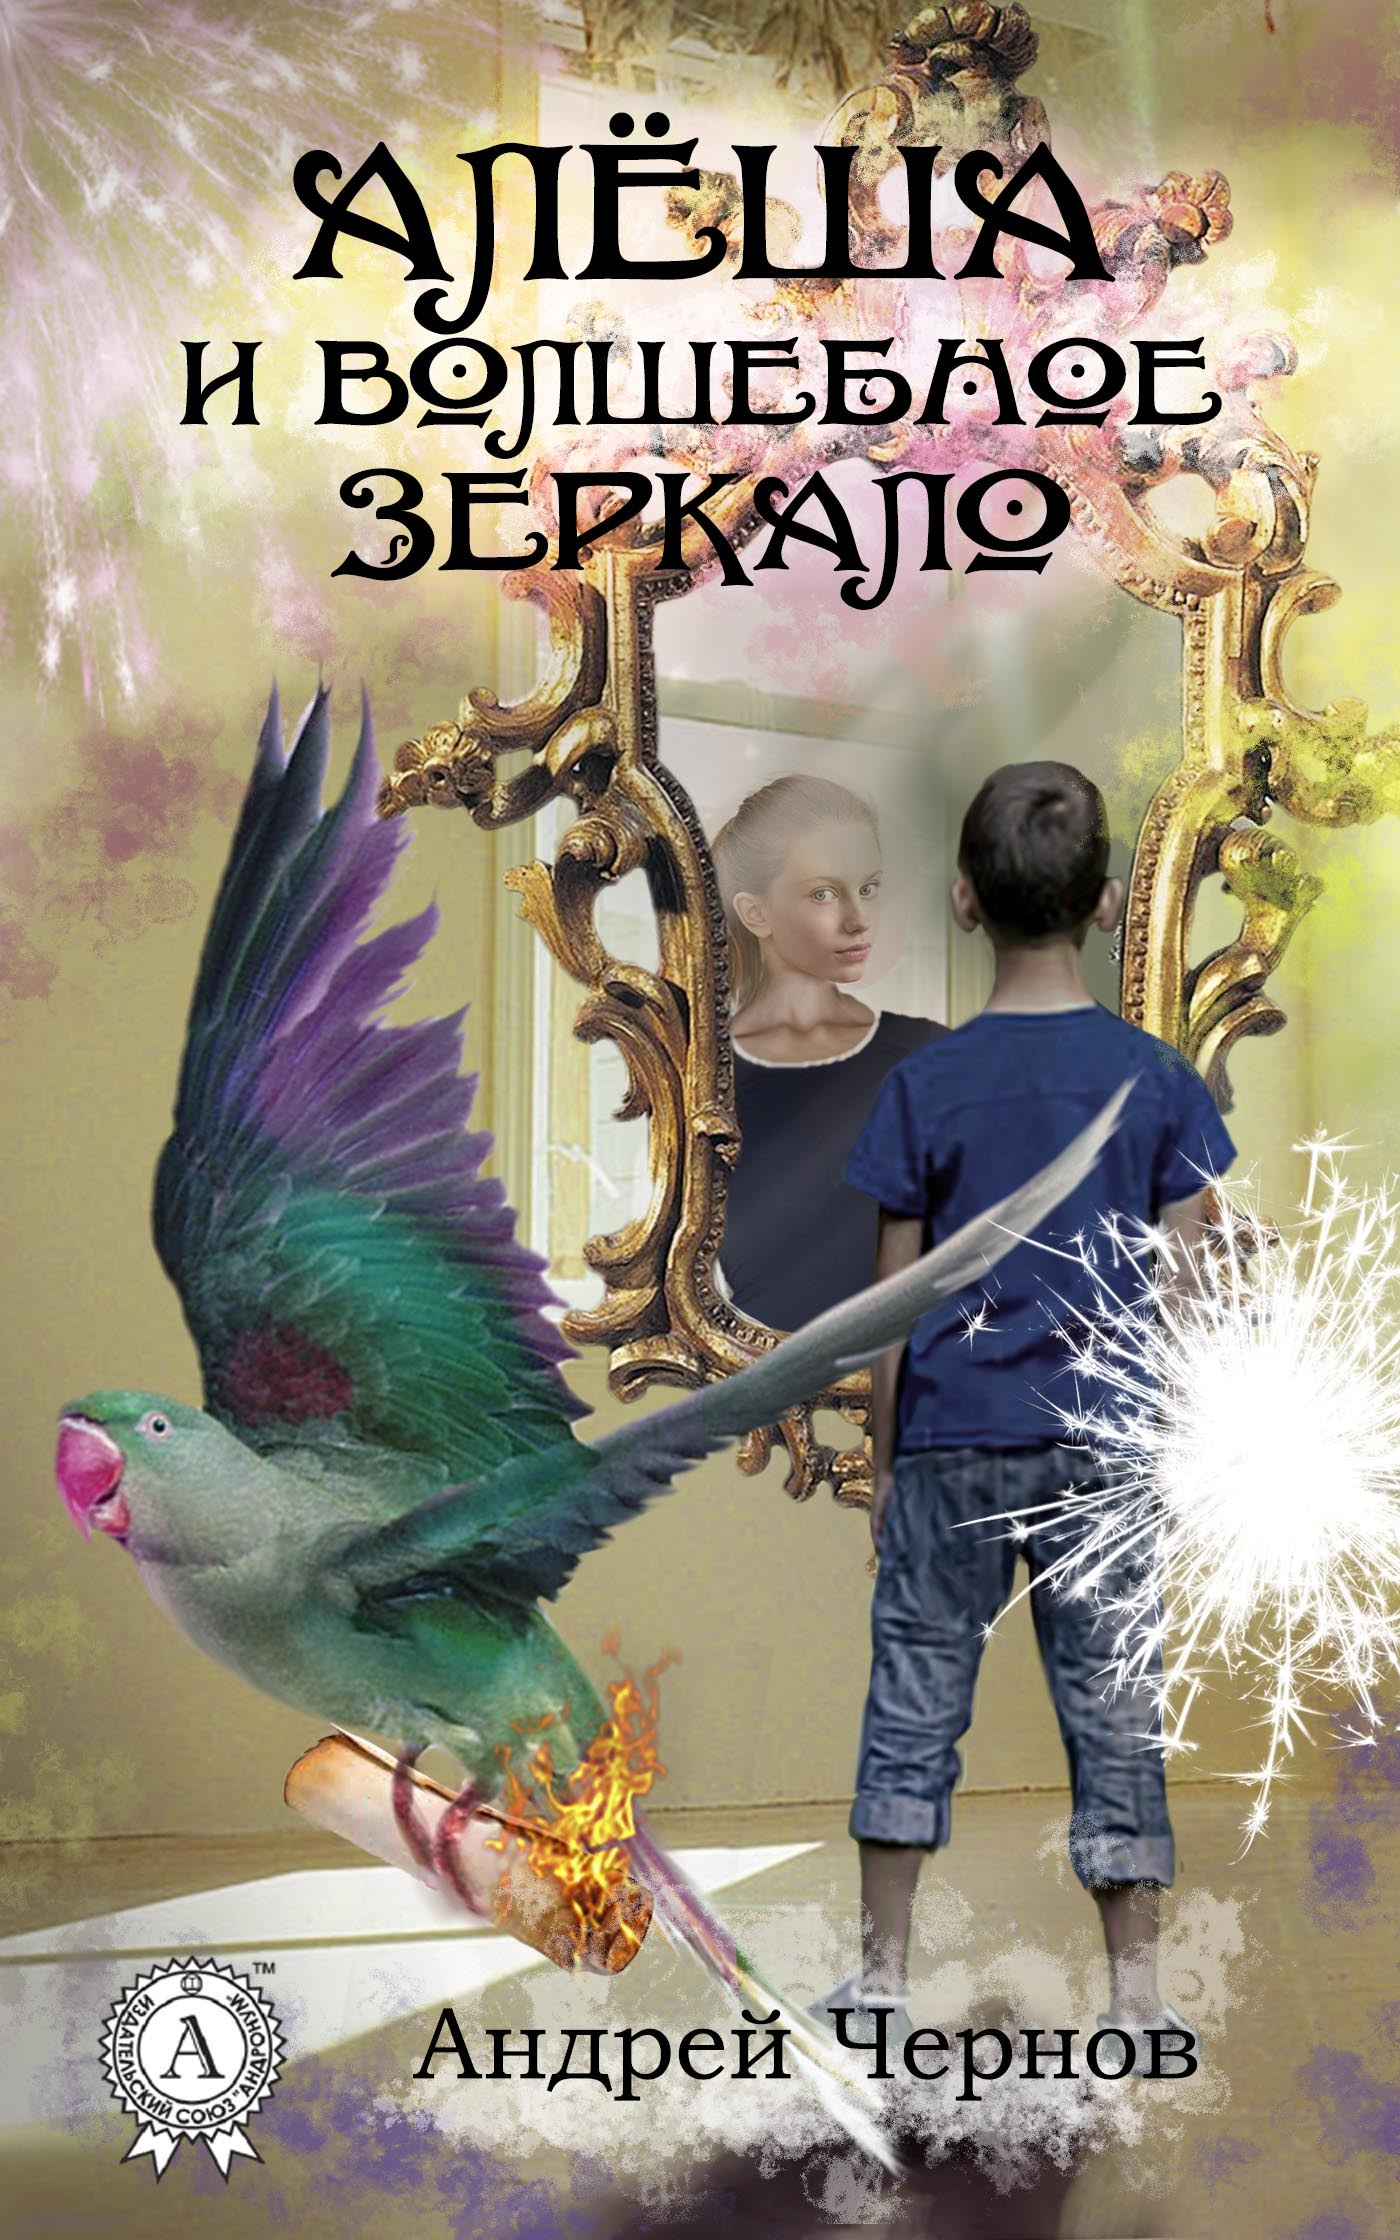 Андрей Чернов - Алёша и волшебное зеркало